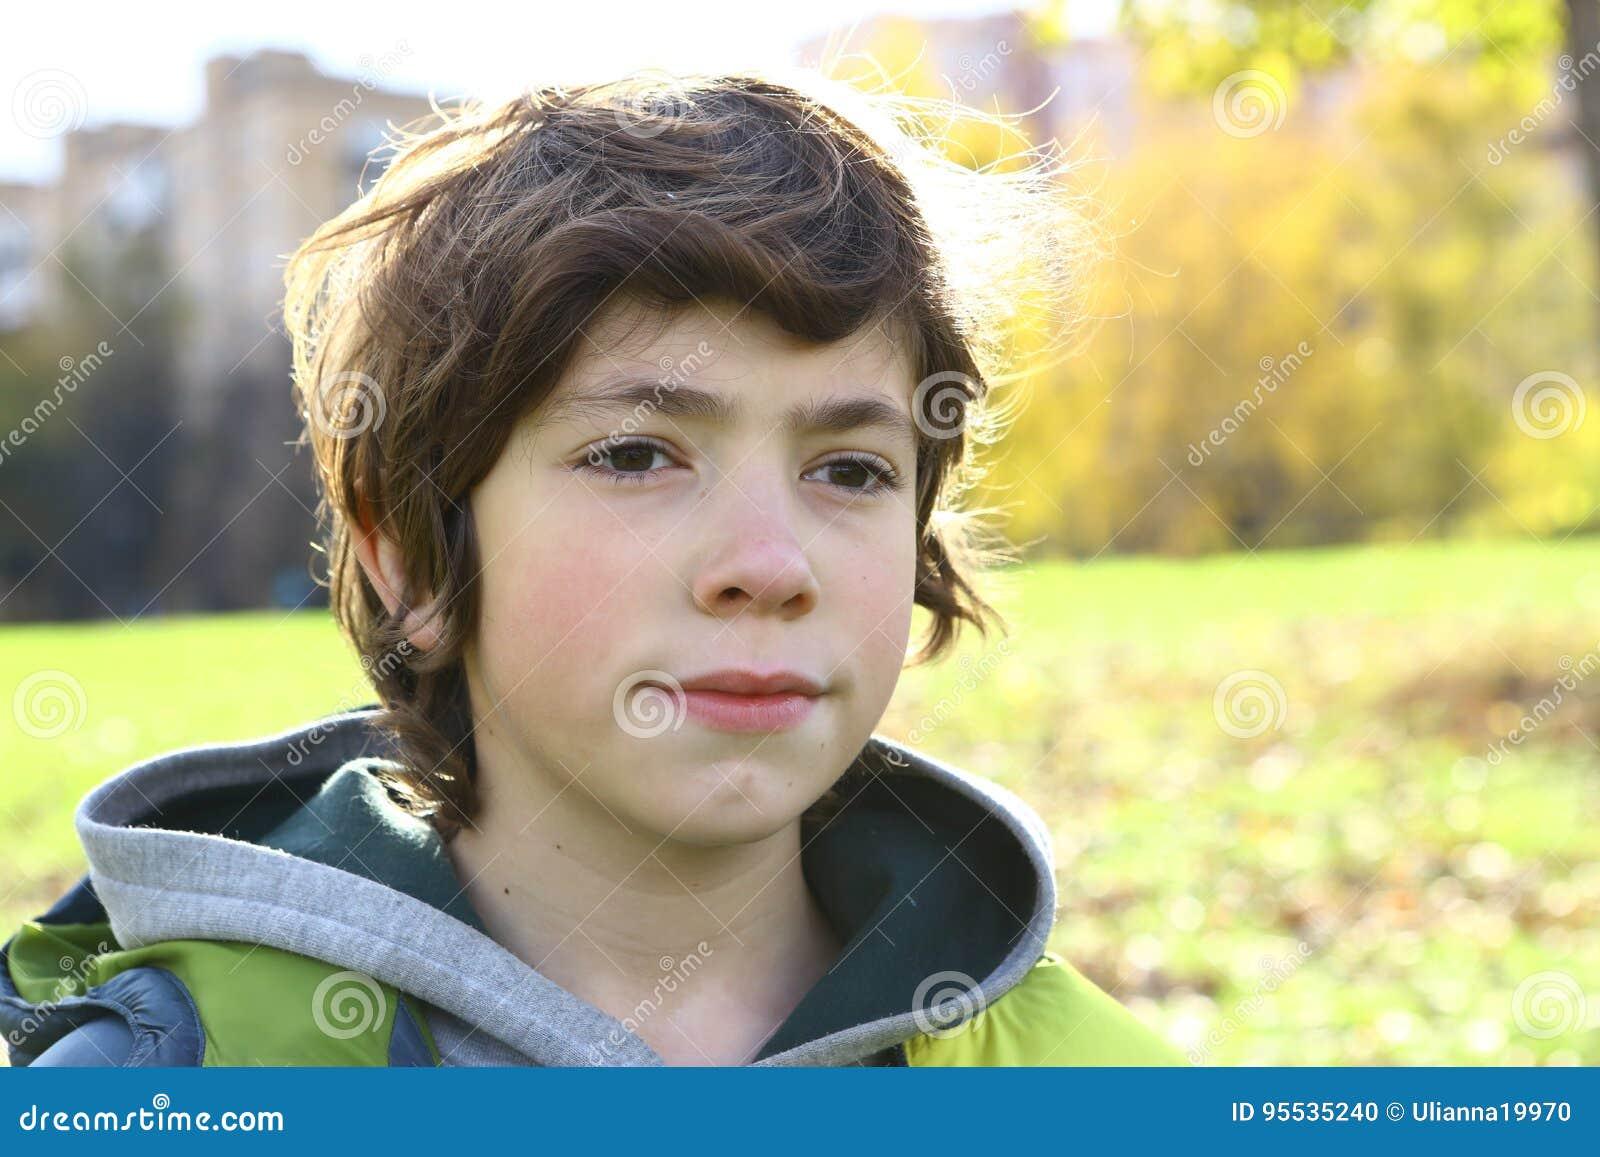 στενό επάνω πορτρέτο αγοριών στο πάρκο πόλεων φθινοπώρου